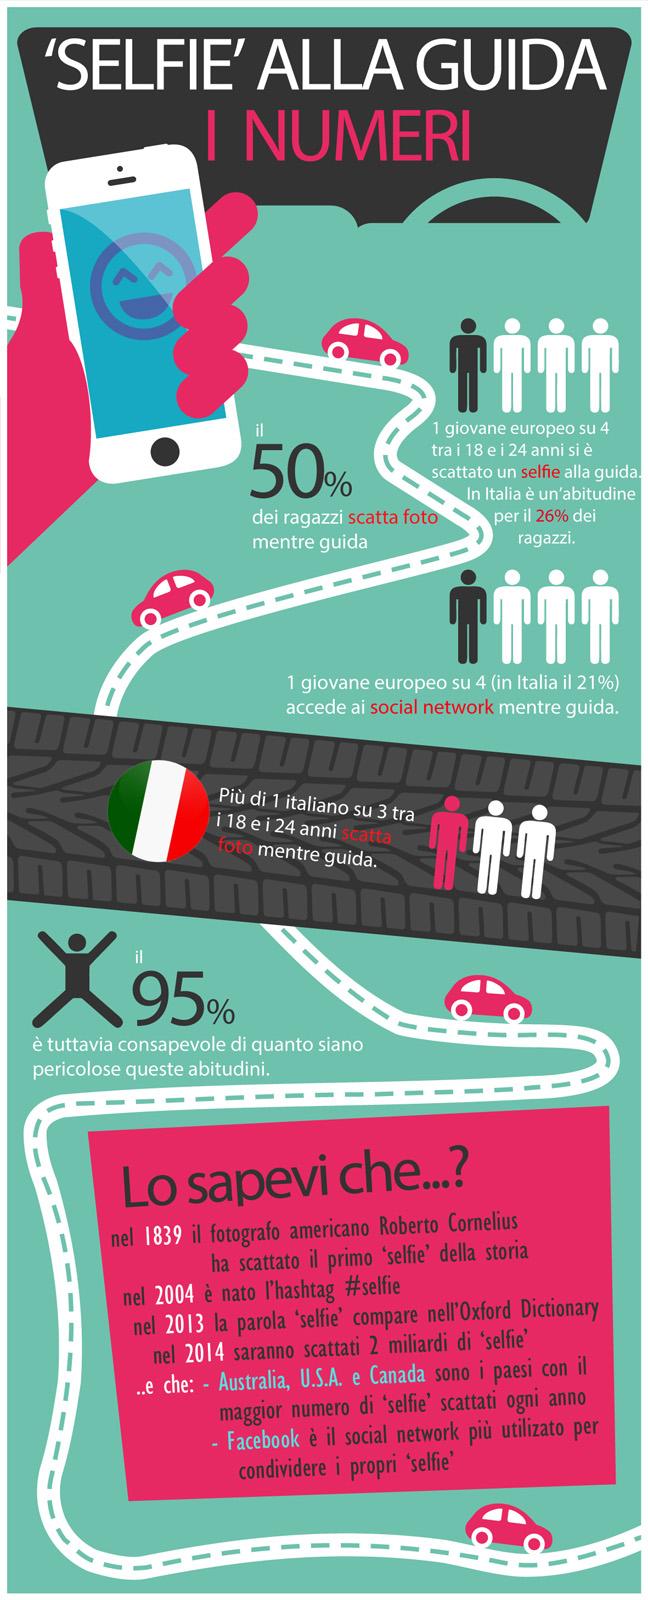 Giovani alla guida: i numeri dei Selfie